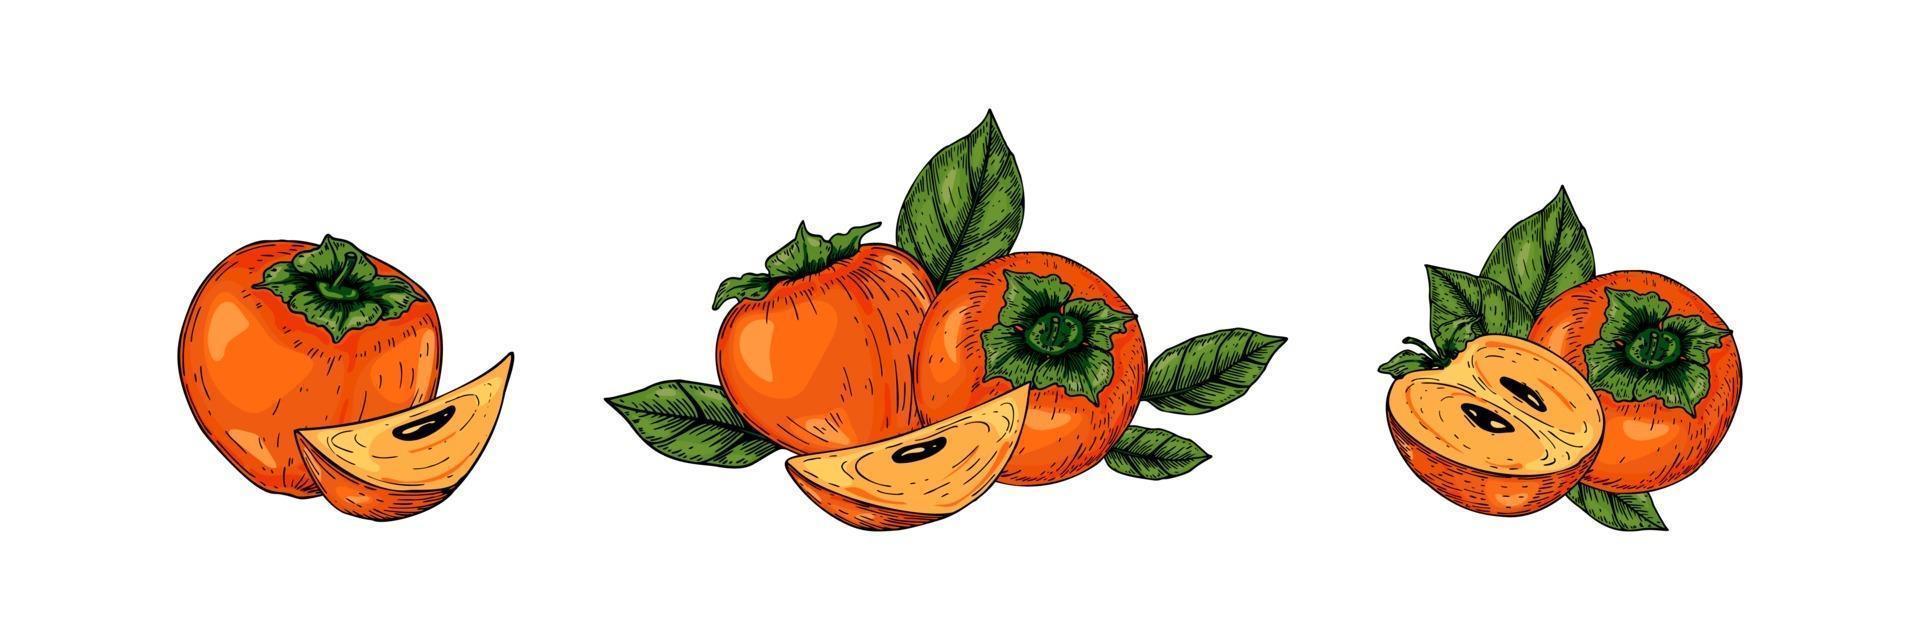 uppsättning handritade persimmonfrukter med blad isolerad på vit bakgrund. vektorillustration i färgad skissstil vektor